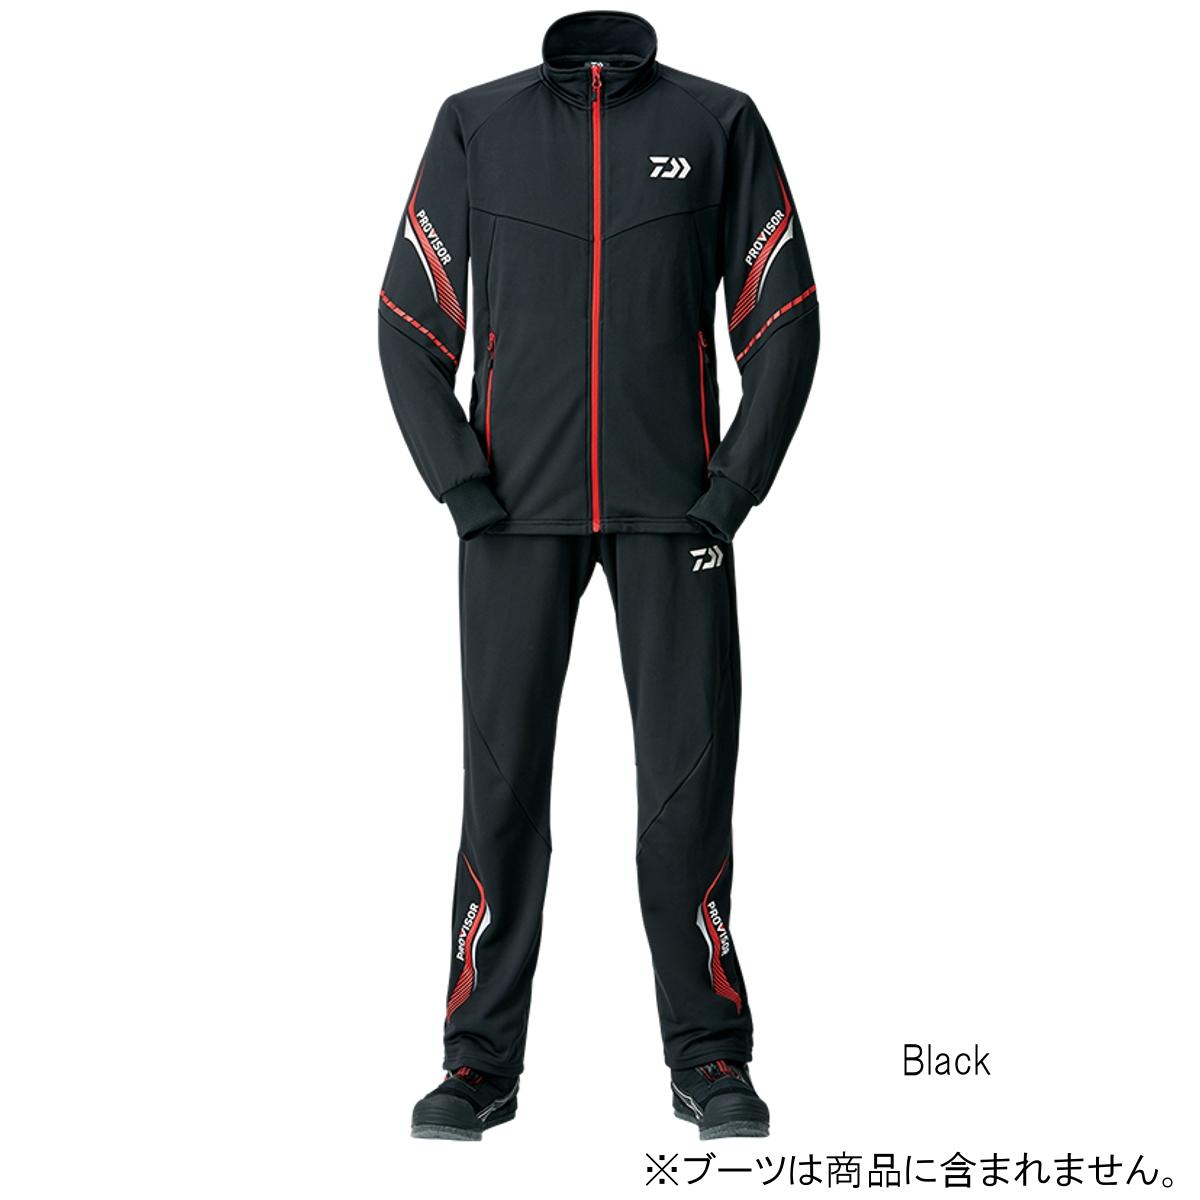 ダイワ プロバイザージャージスーツ DI-24008 2XL Black